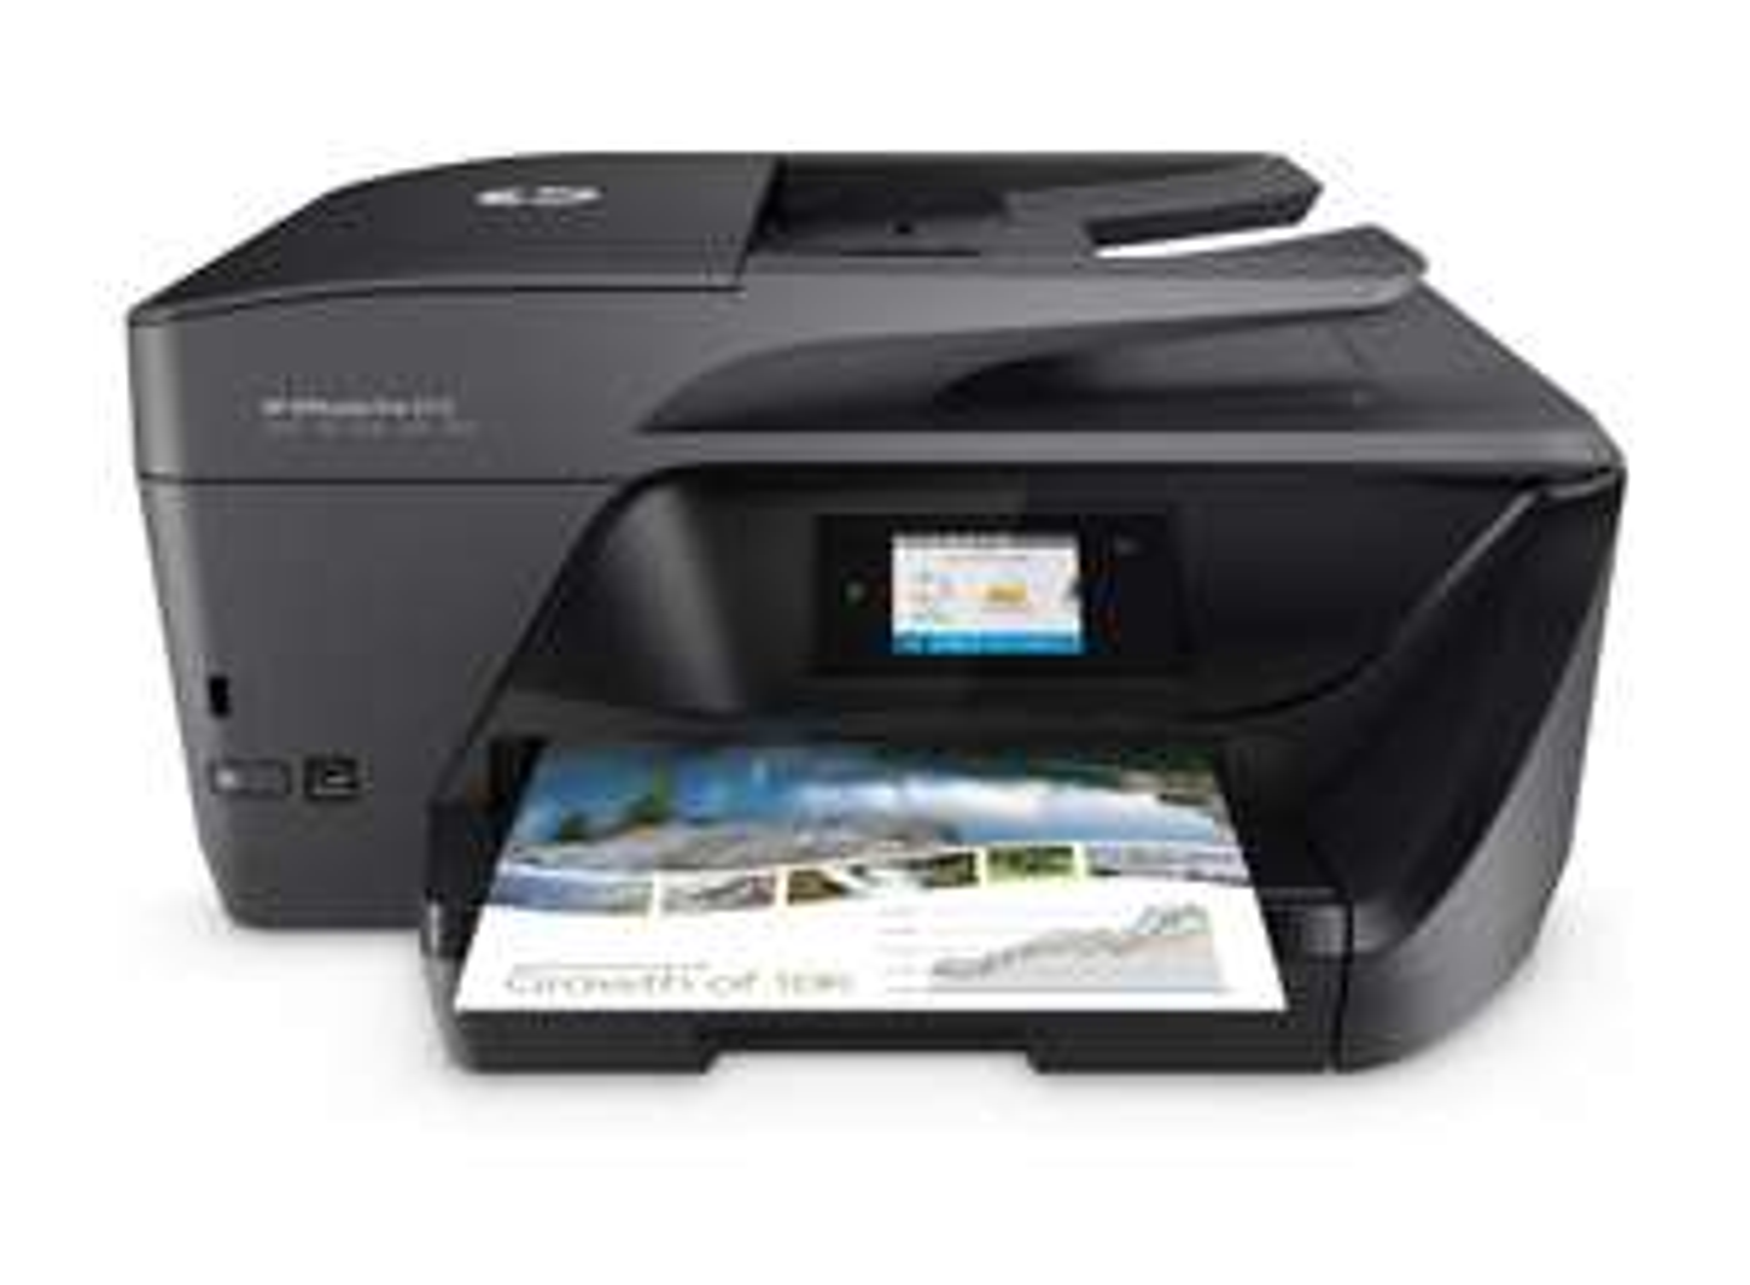 HP OfficeJet Pro 6970 All-in-One-Drucker inklusive 3 Jahre Garantieverlängerung plus kostenlose HP 903XL Tintenpatrone schwarz für 125,90€ im HP Education Store